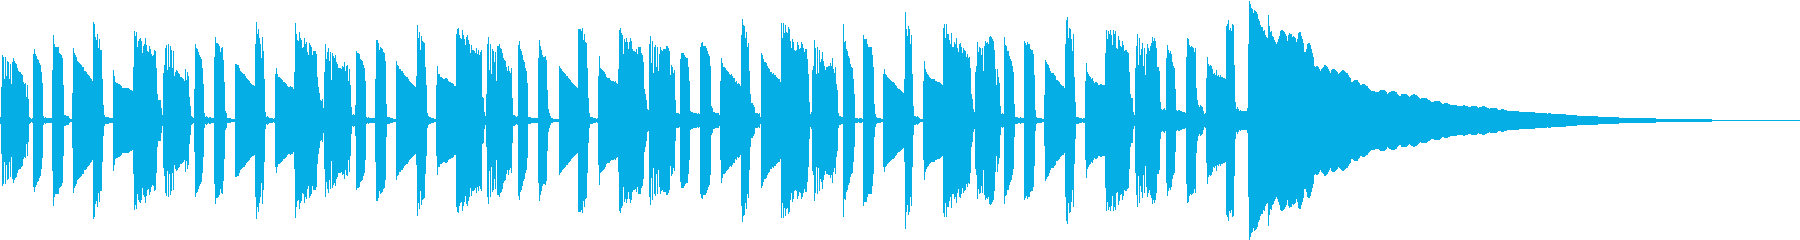 エレキギターによる美しいインストの再生済みの波形